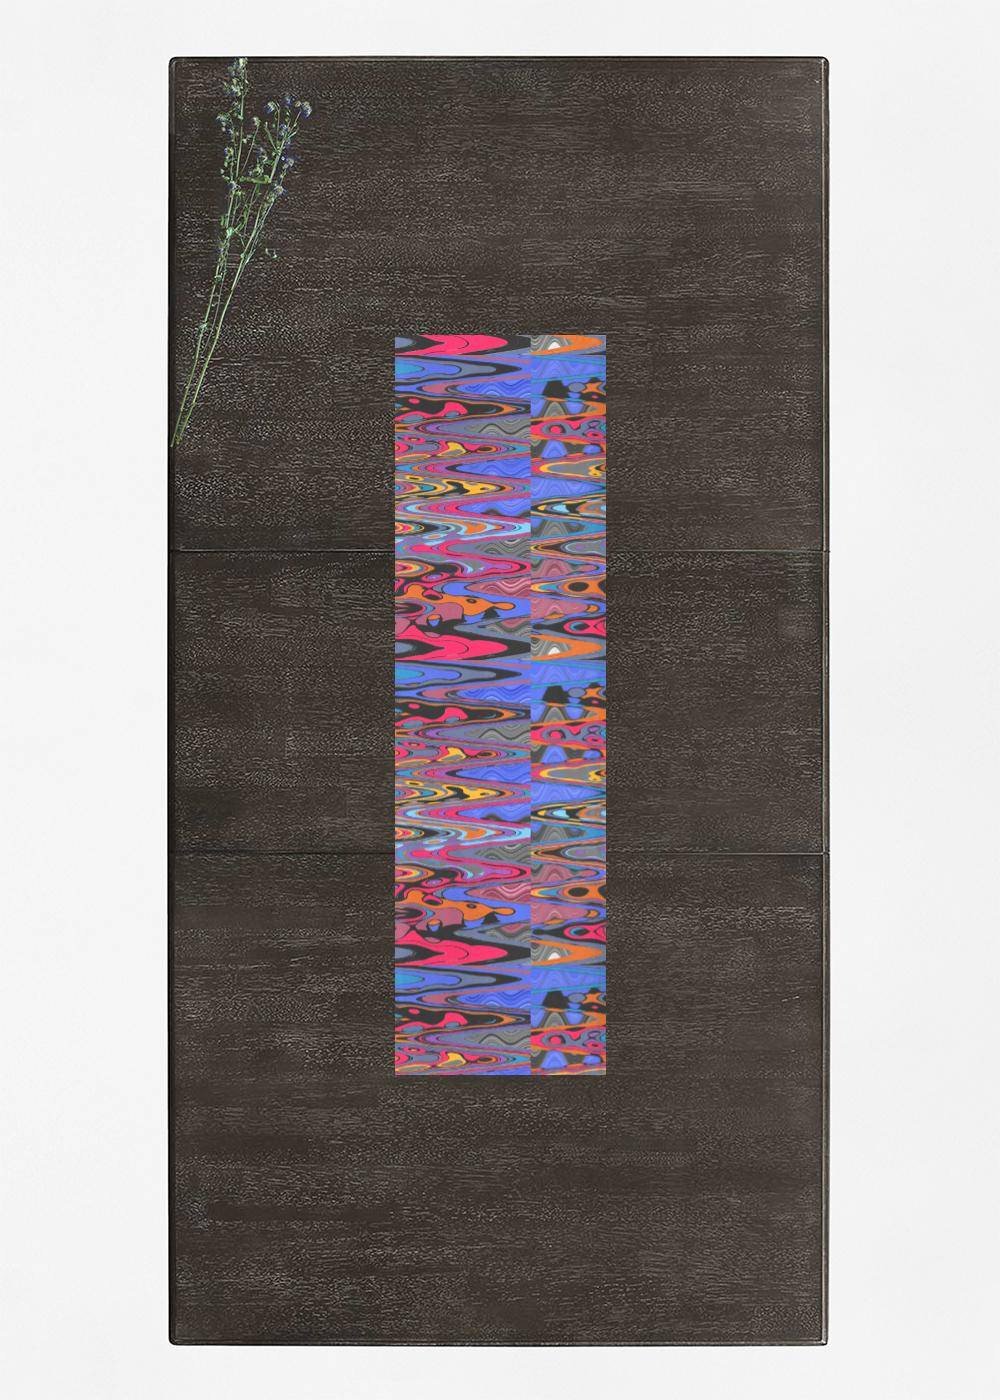 VIDA Table Runner - Vibration Pop Music 2021 by VIDA Original Artist  - Size: Long